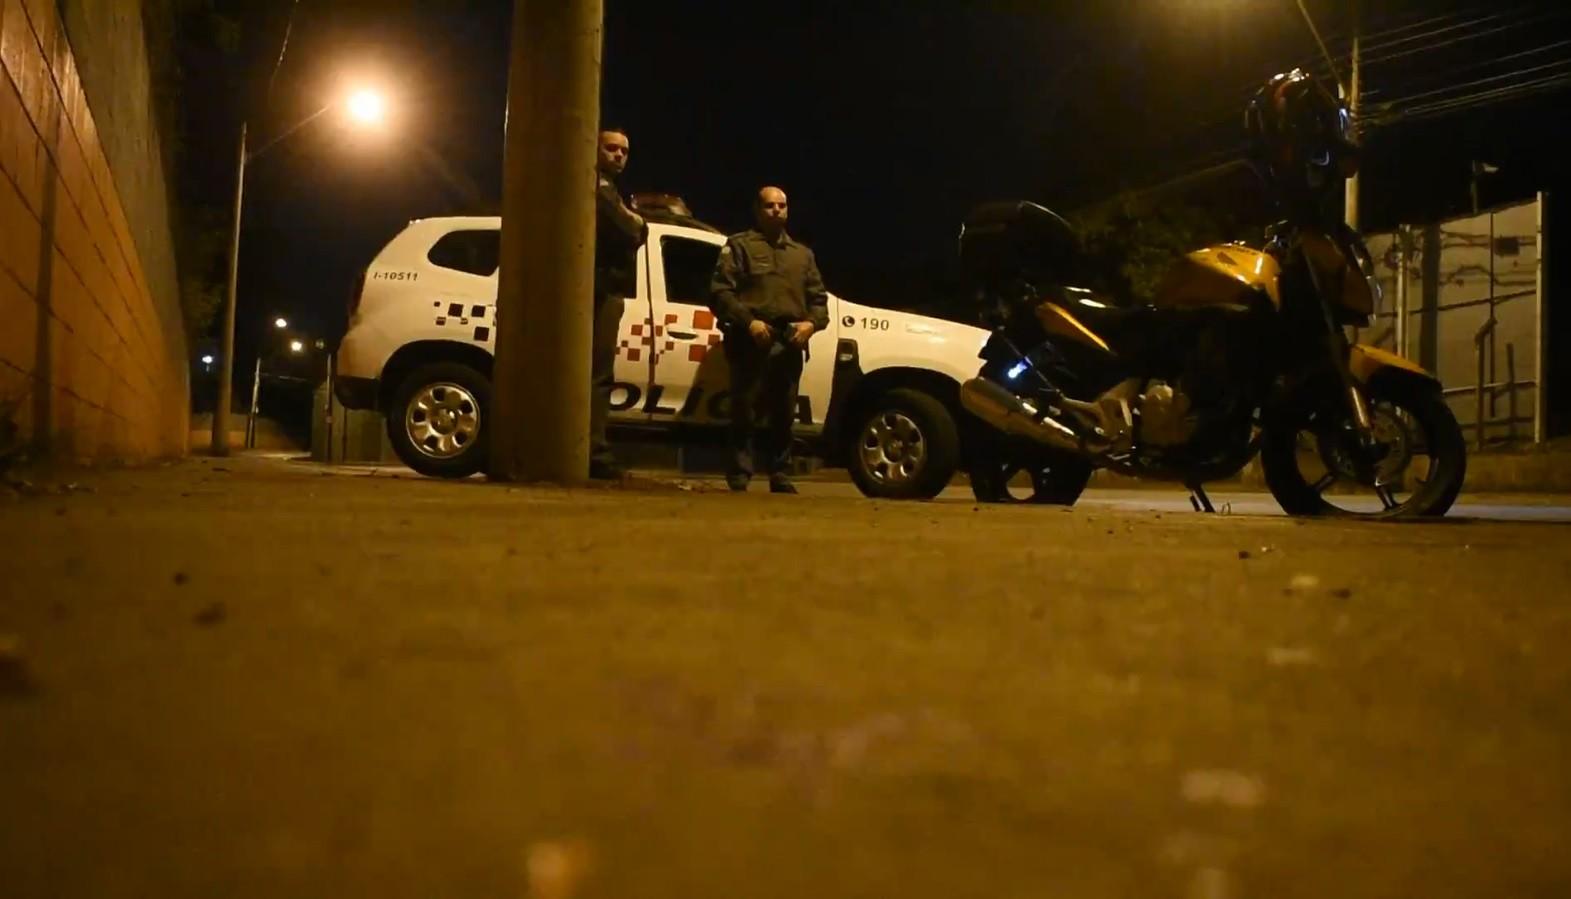 Criminosos atiram contra casal durante roubo de motocicleta em Piracicaba